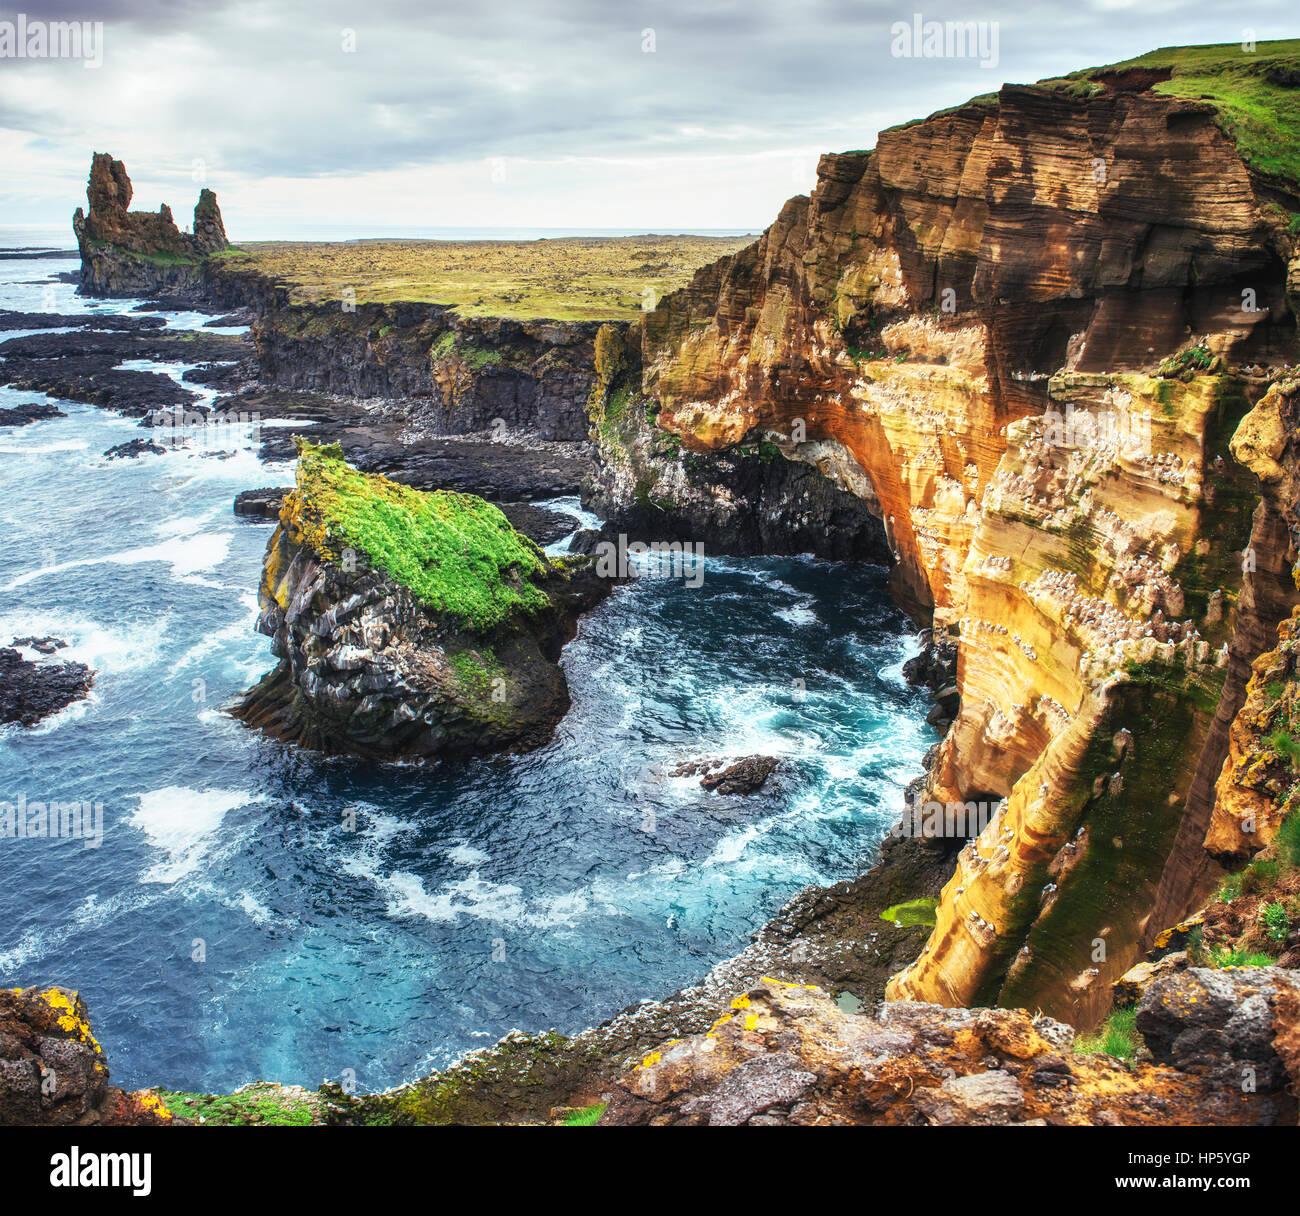 Scenic view of coastline at Arnarstapi Iceland - Stock Image